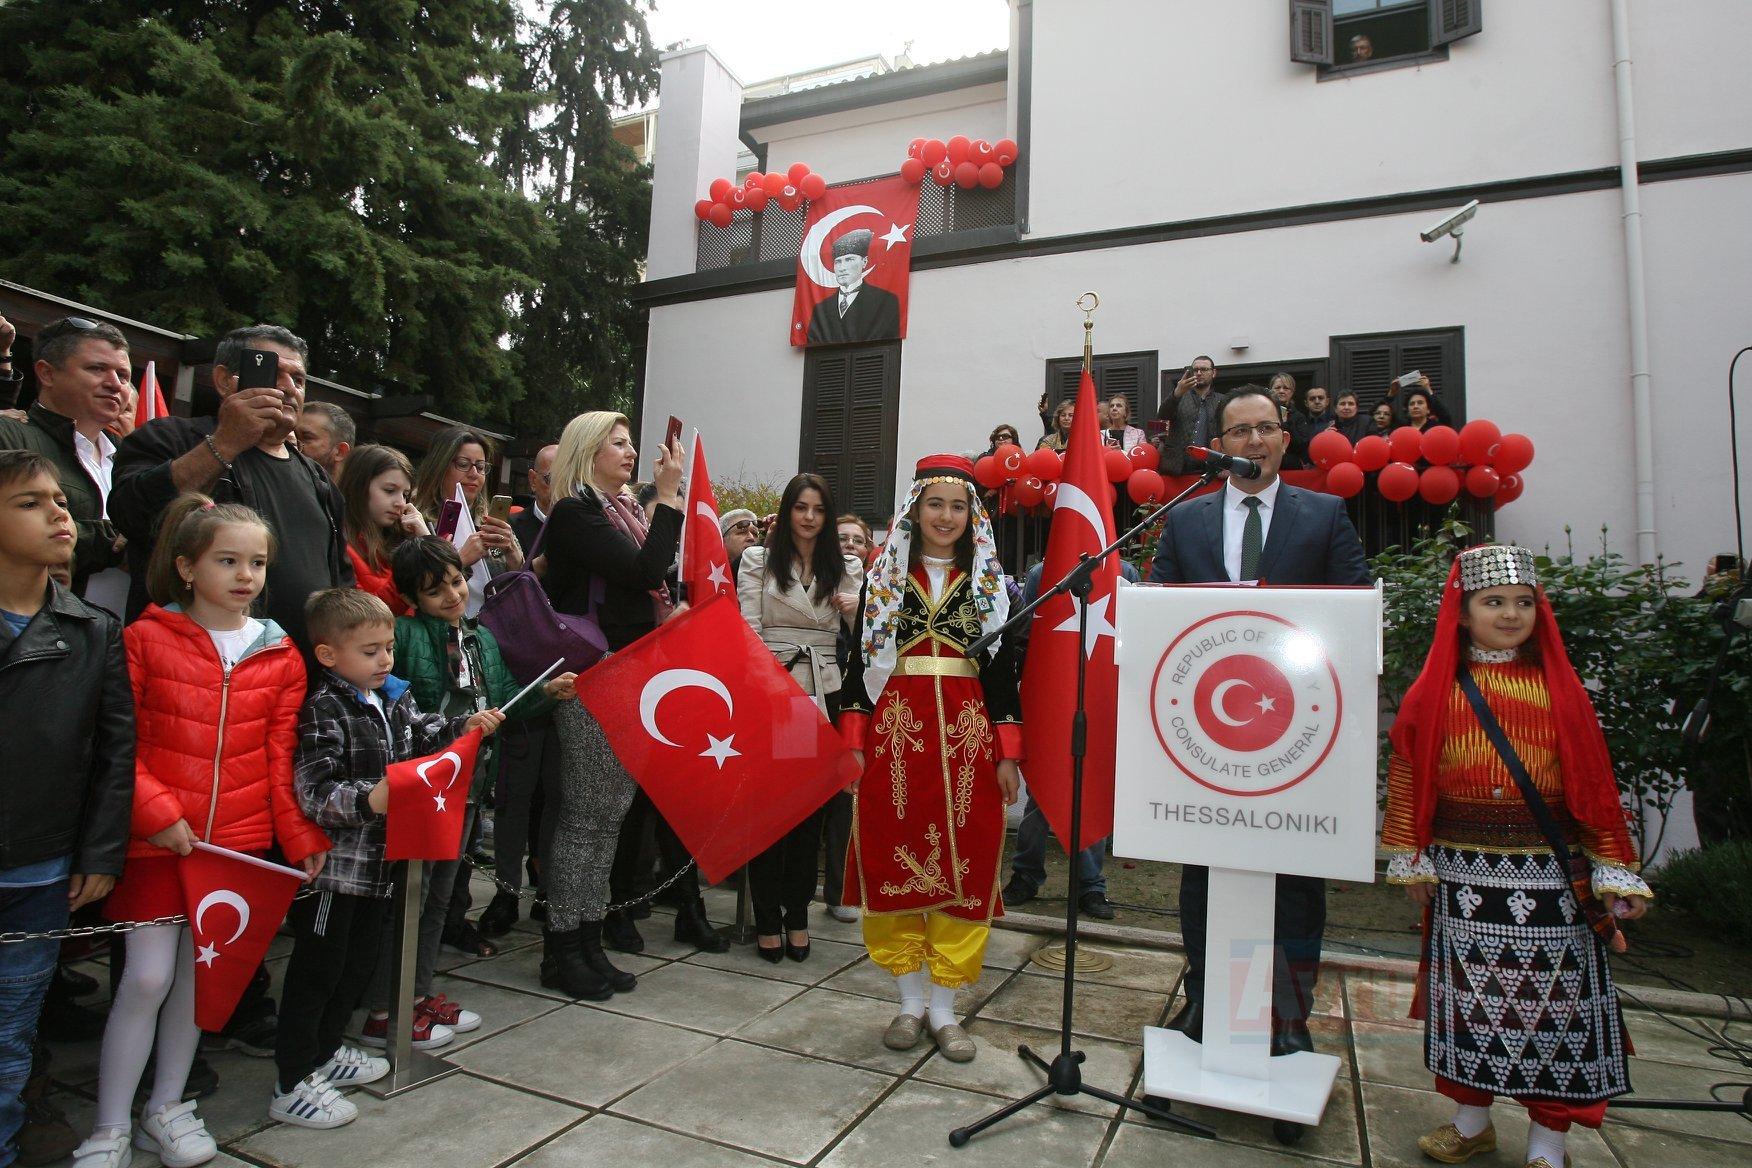 23 Nisan Ulusal Egemenlik ve Çocuk Bayramı Selanik Atatürk'ün evinde coşkuyla kutlandı.